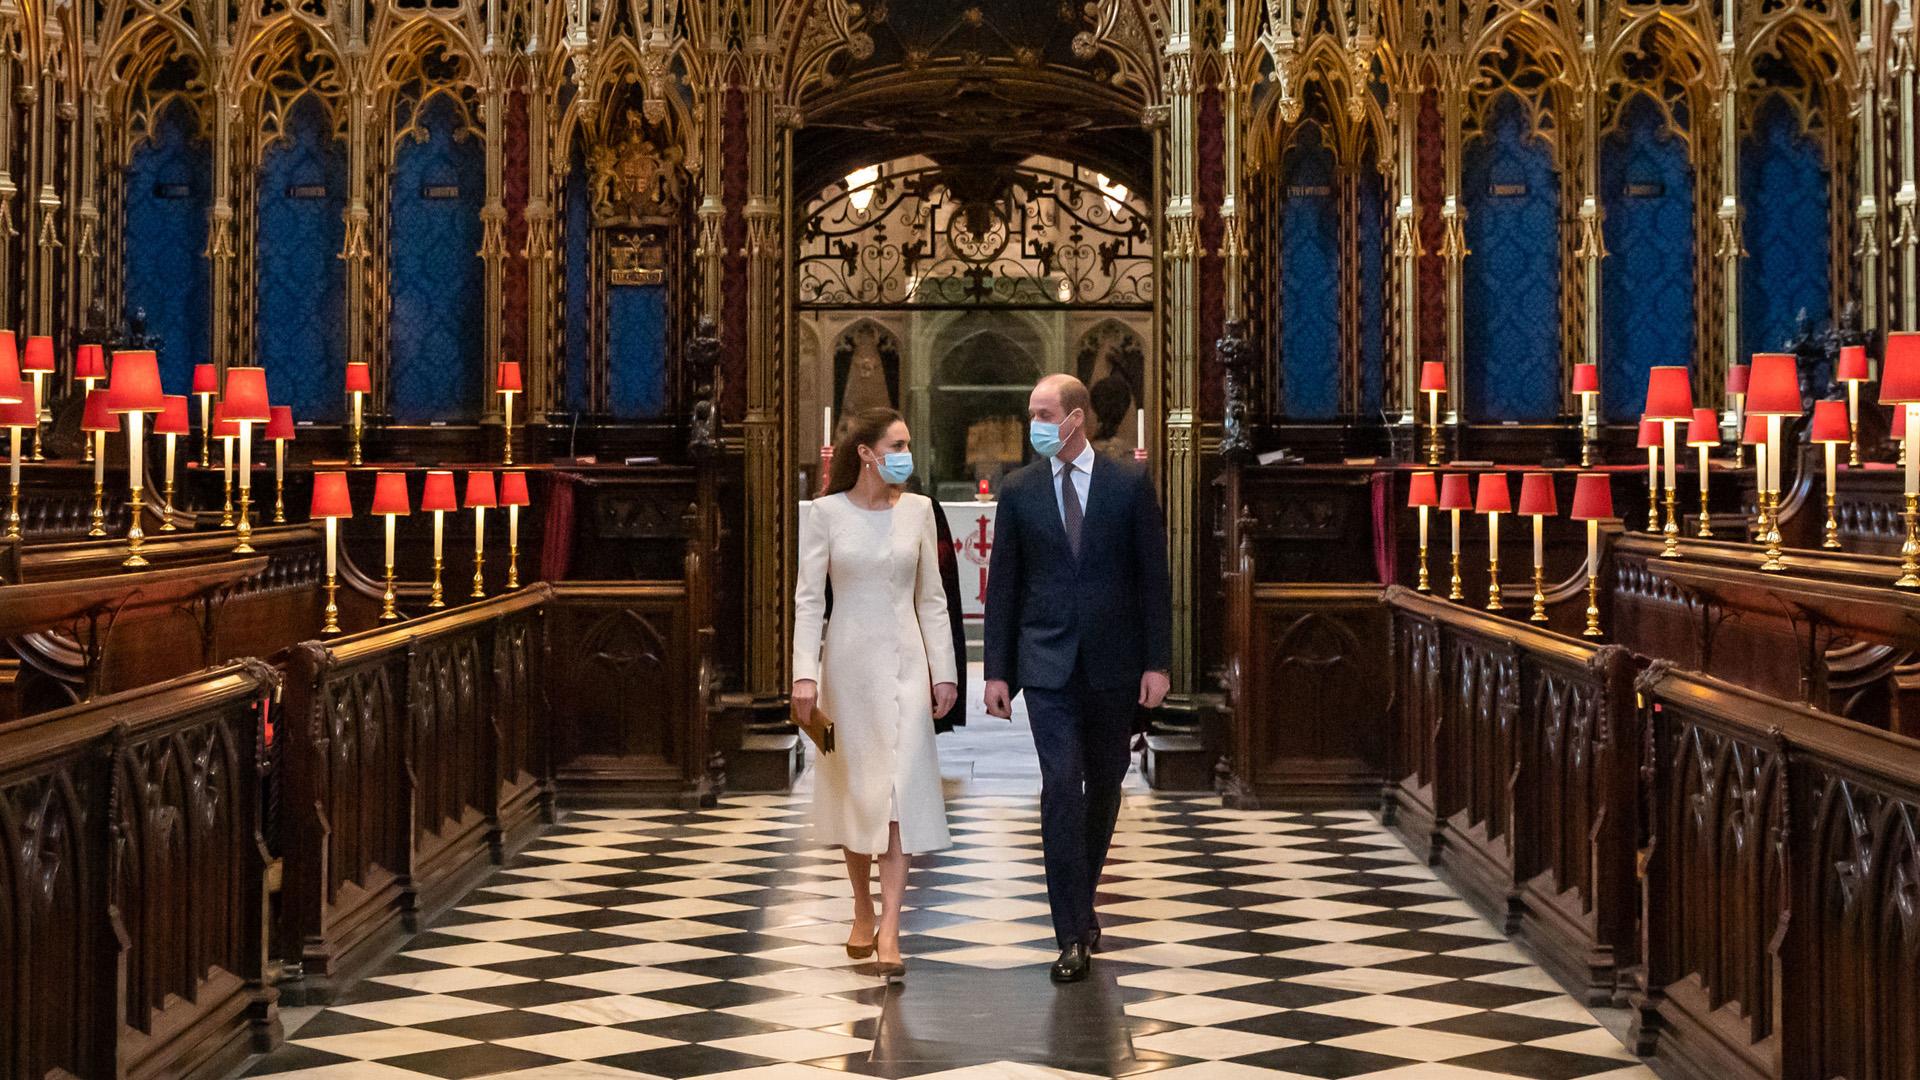 Katalin hercegné és Vilmos herceg visszatértek az esküvőjük helyszínére